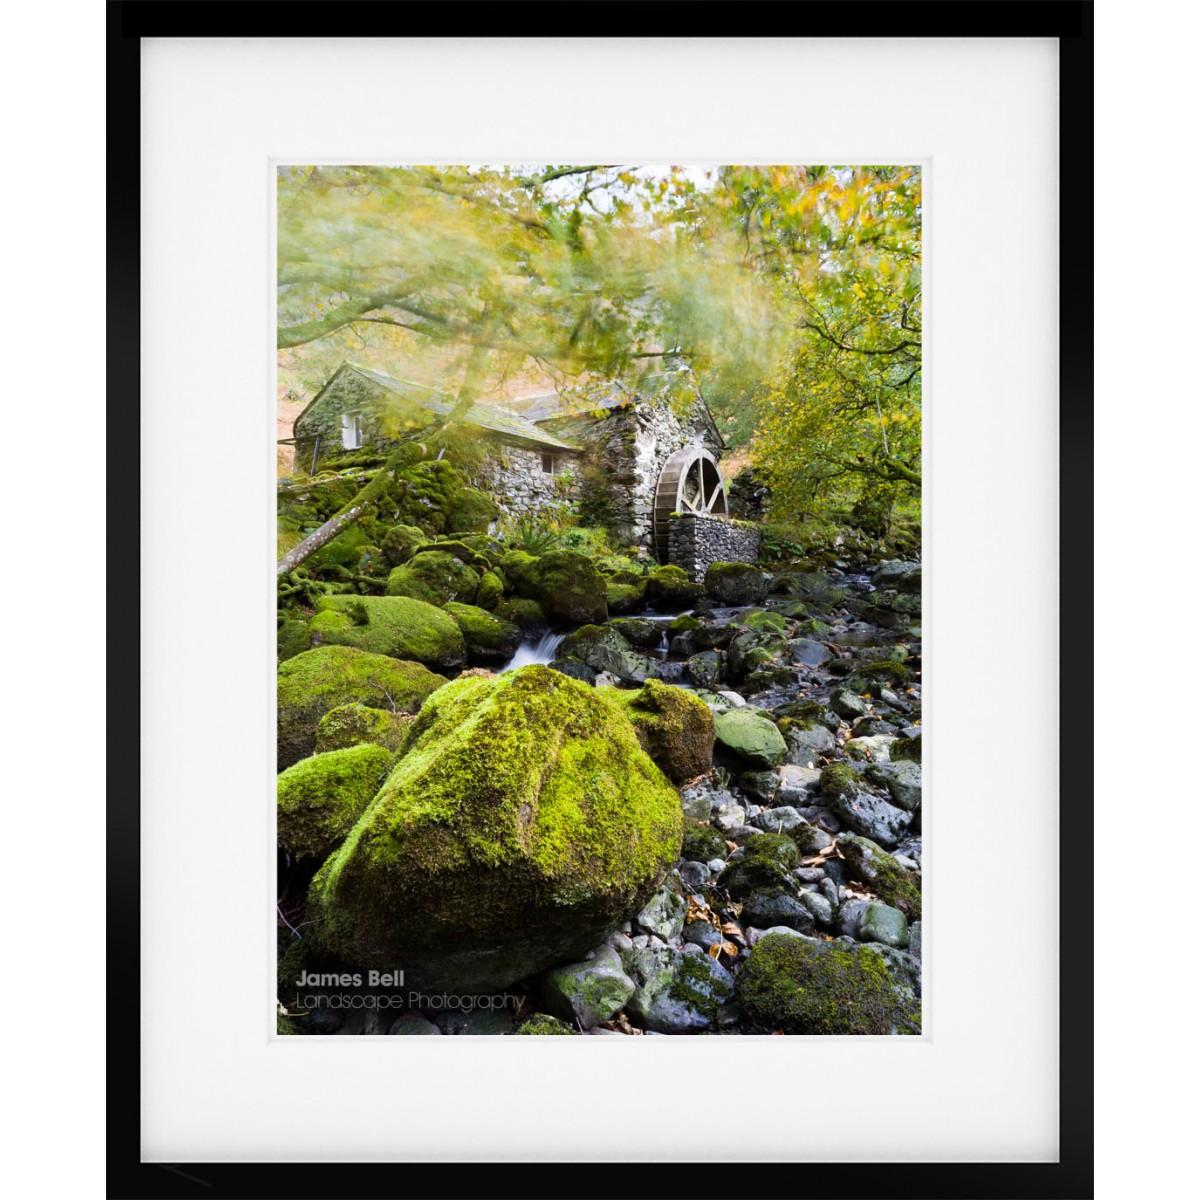 Borrowdale Mill framed print